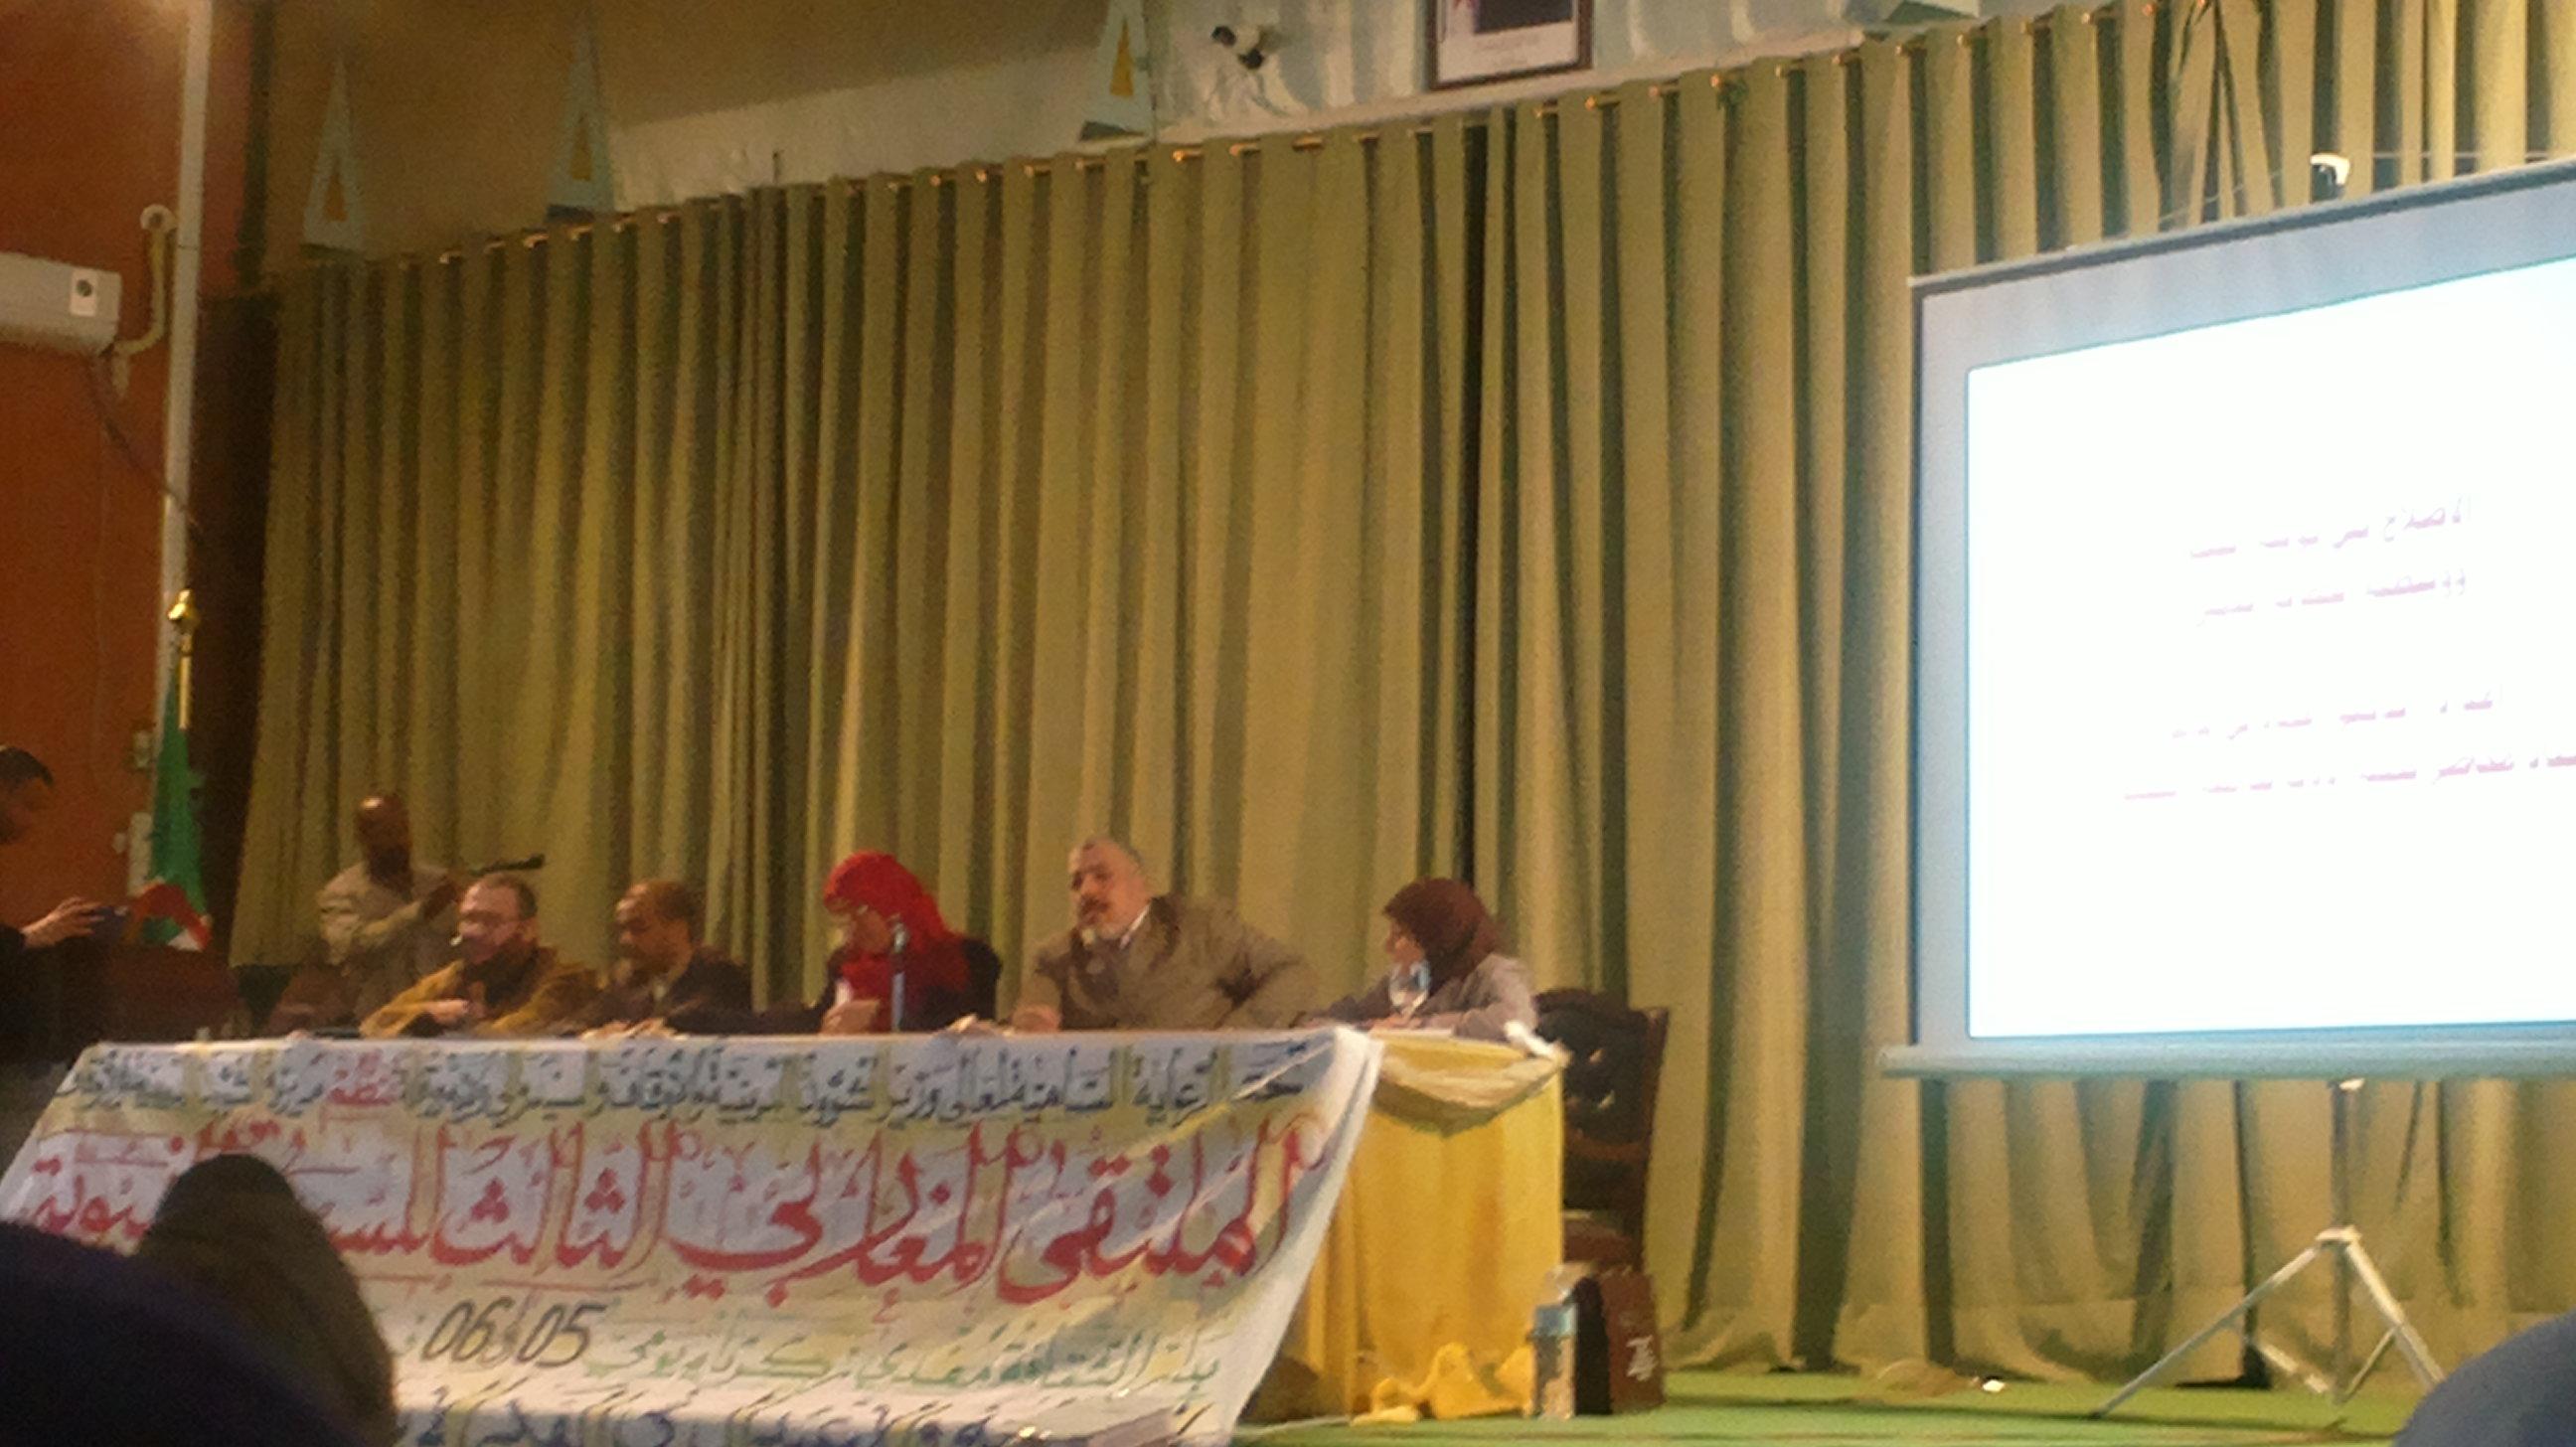 الملتقى المغاربي الثالث للسيرة النبوية بورقلة : تحت شعار الوسطية والإعتدال في الفكر الاسلامي